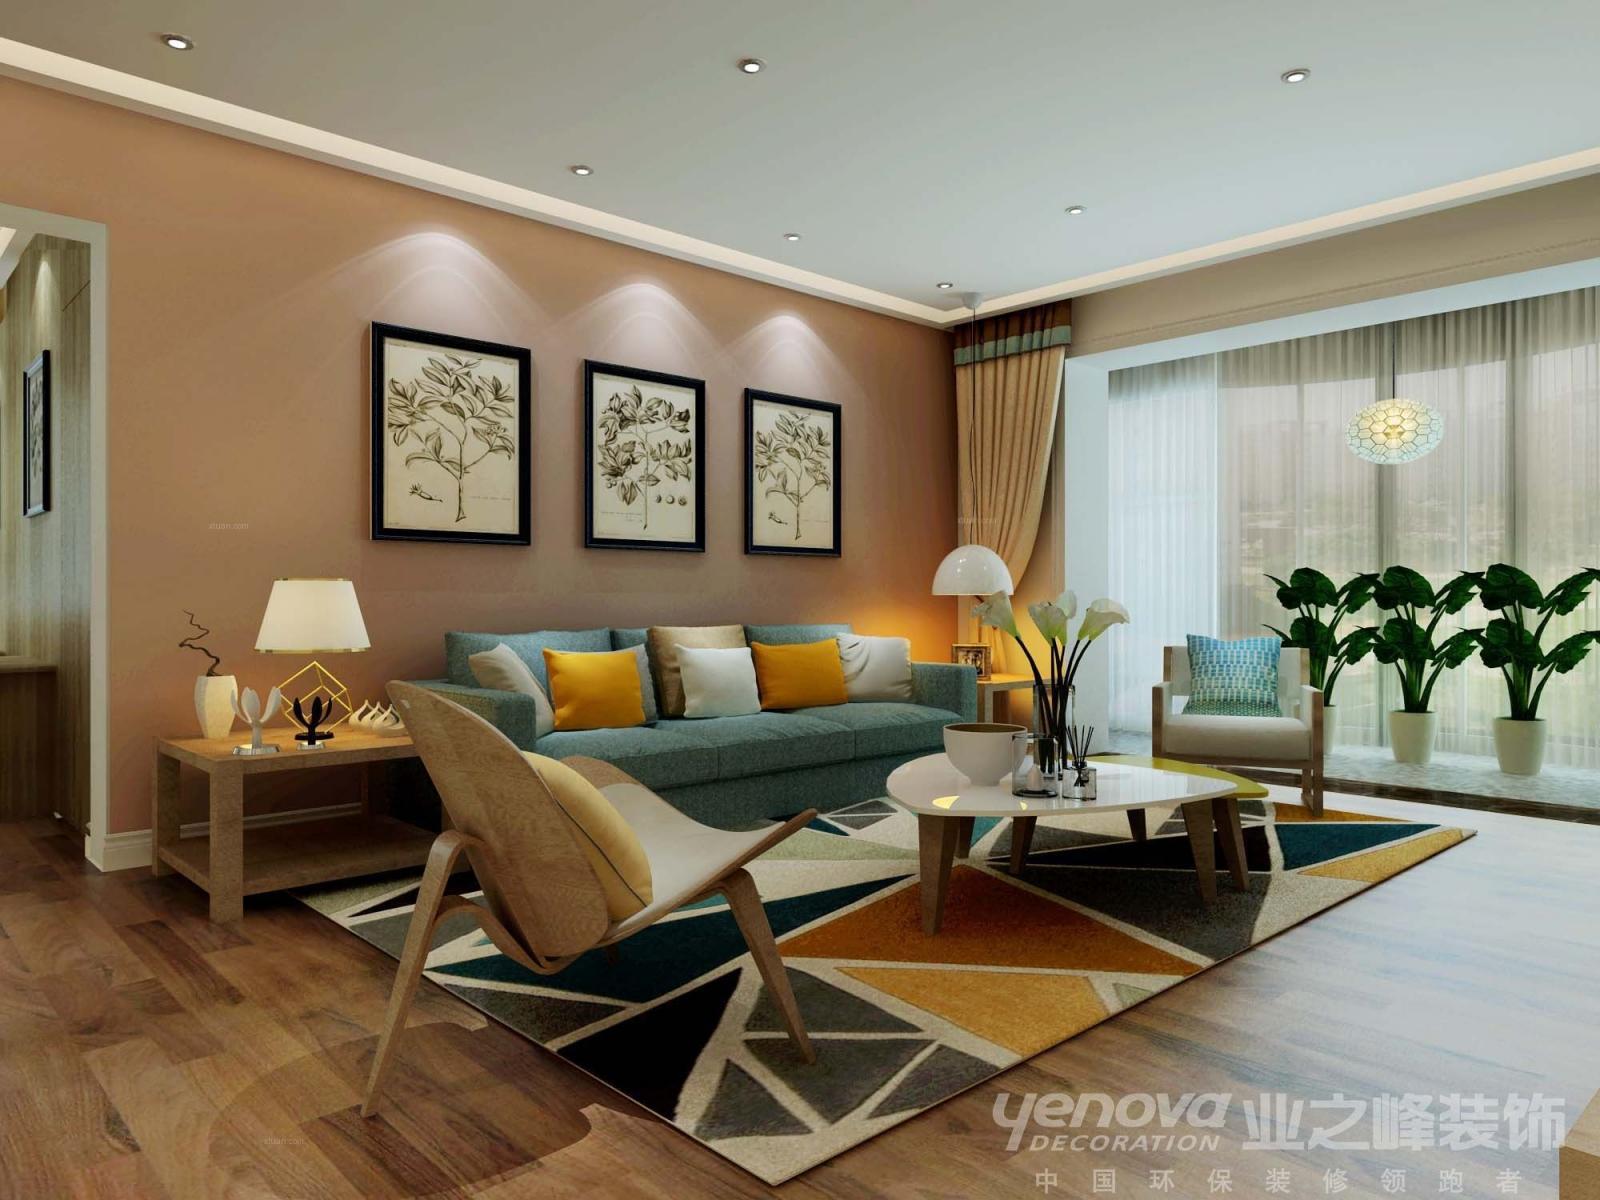 三居室北欧风格客厅沙发背景墙图片